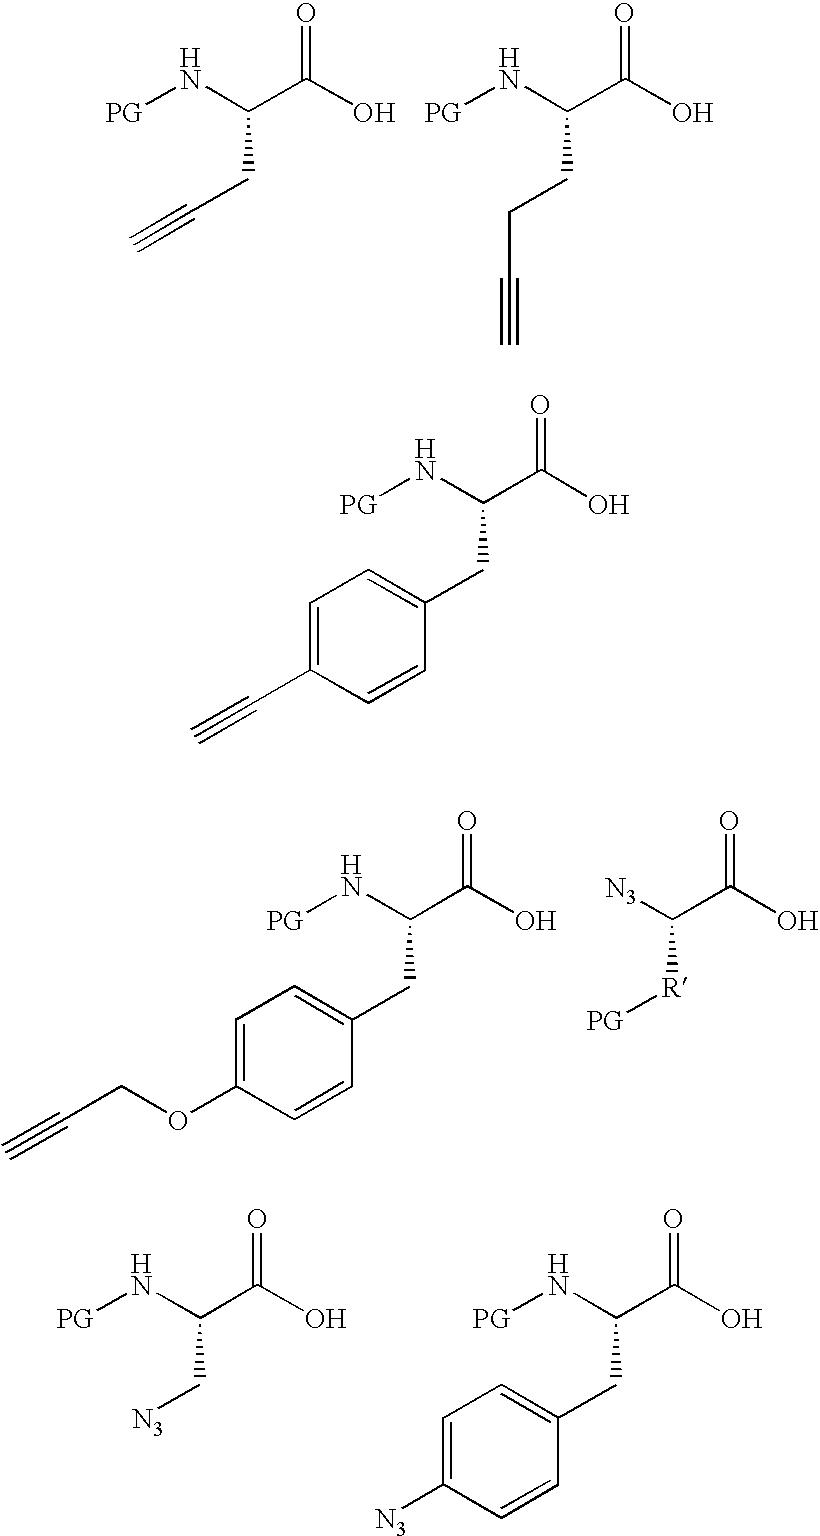 Figure US20090110662A1-20090430-C00037